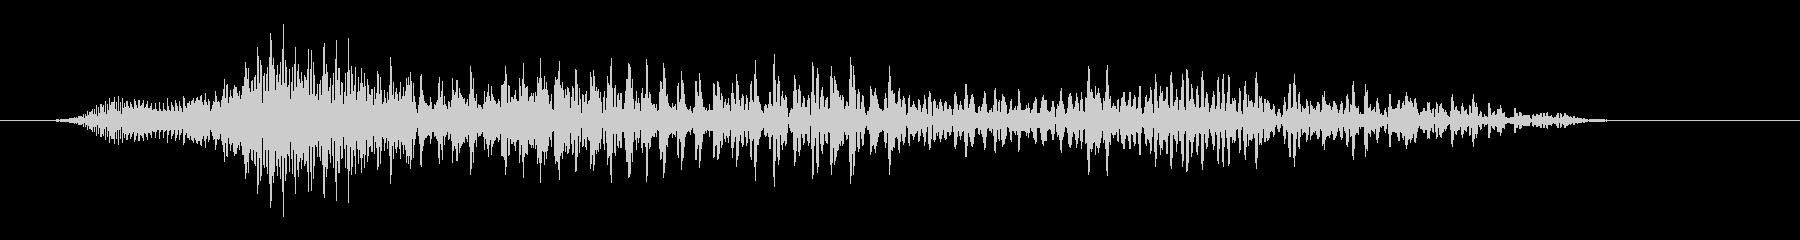 成人男性:叫ぶ声の未再生の波形